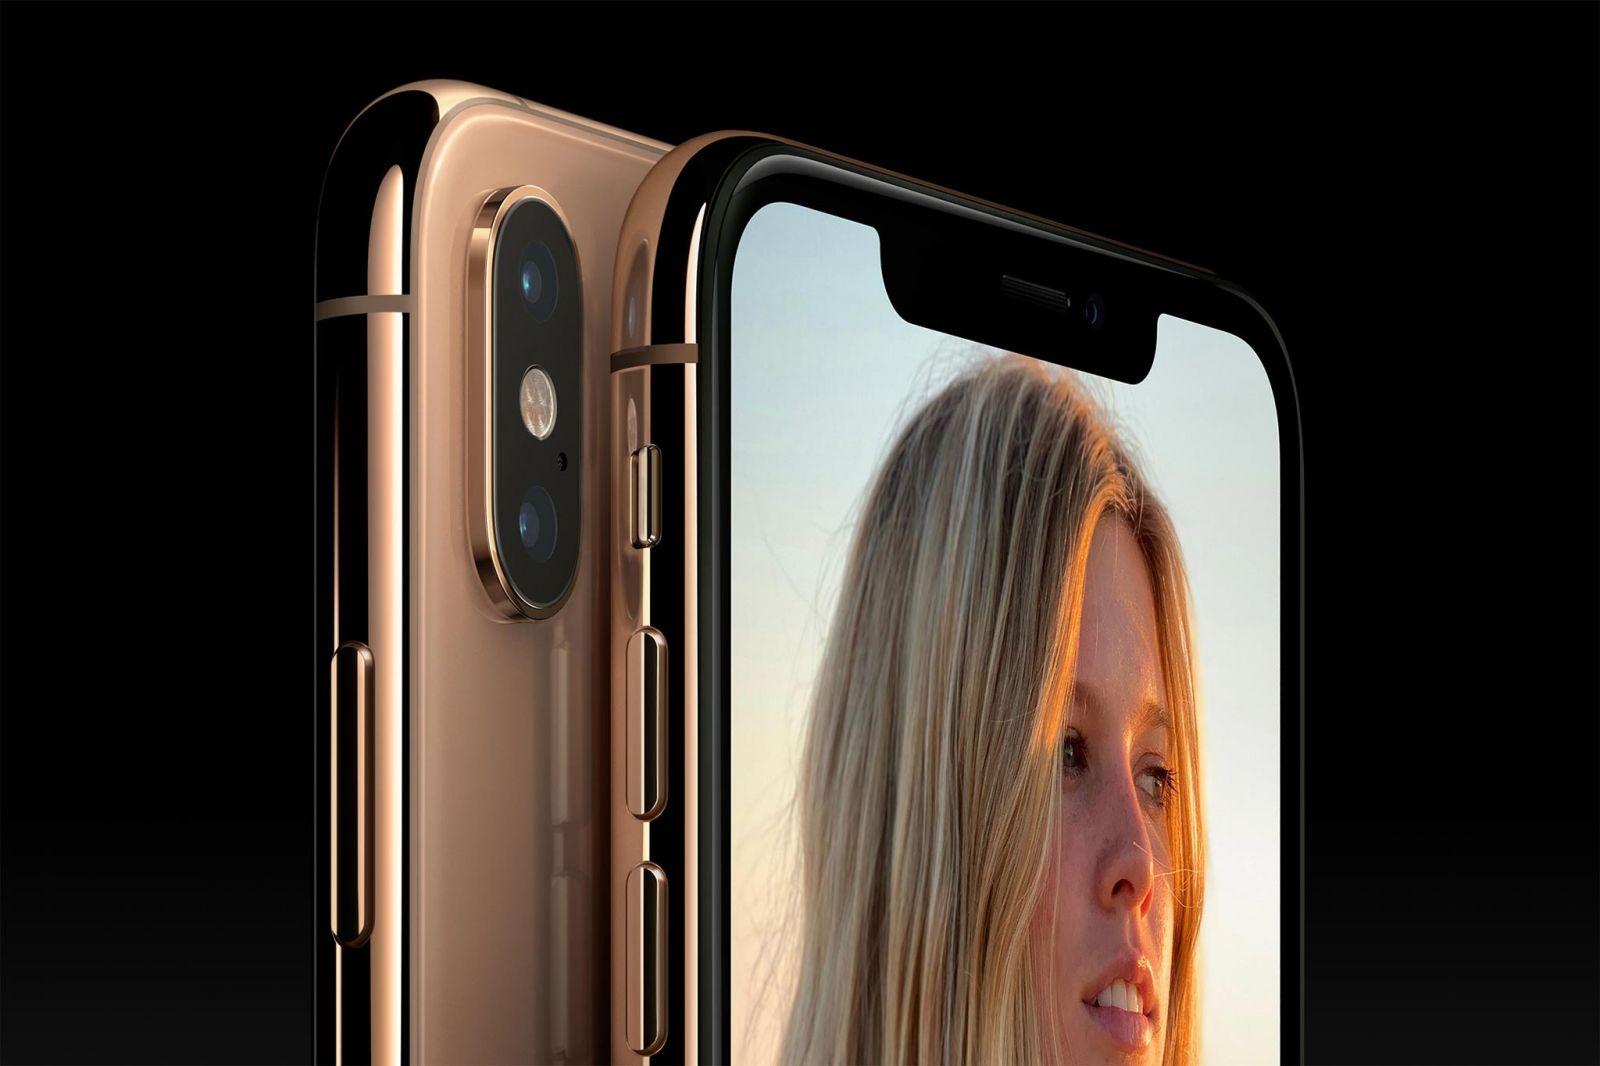 4423234 Apple iPhone Xs